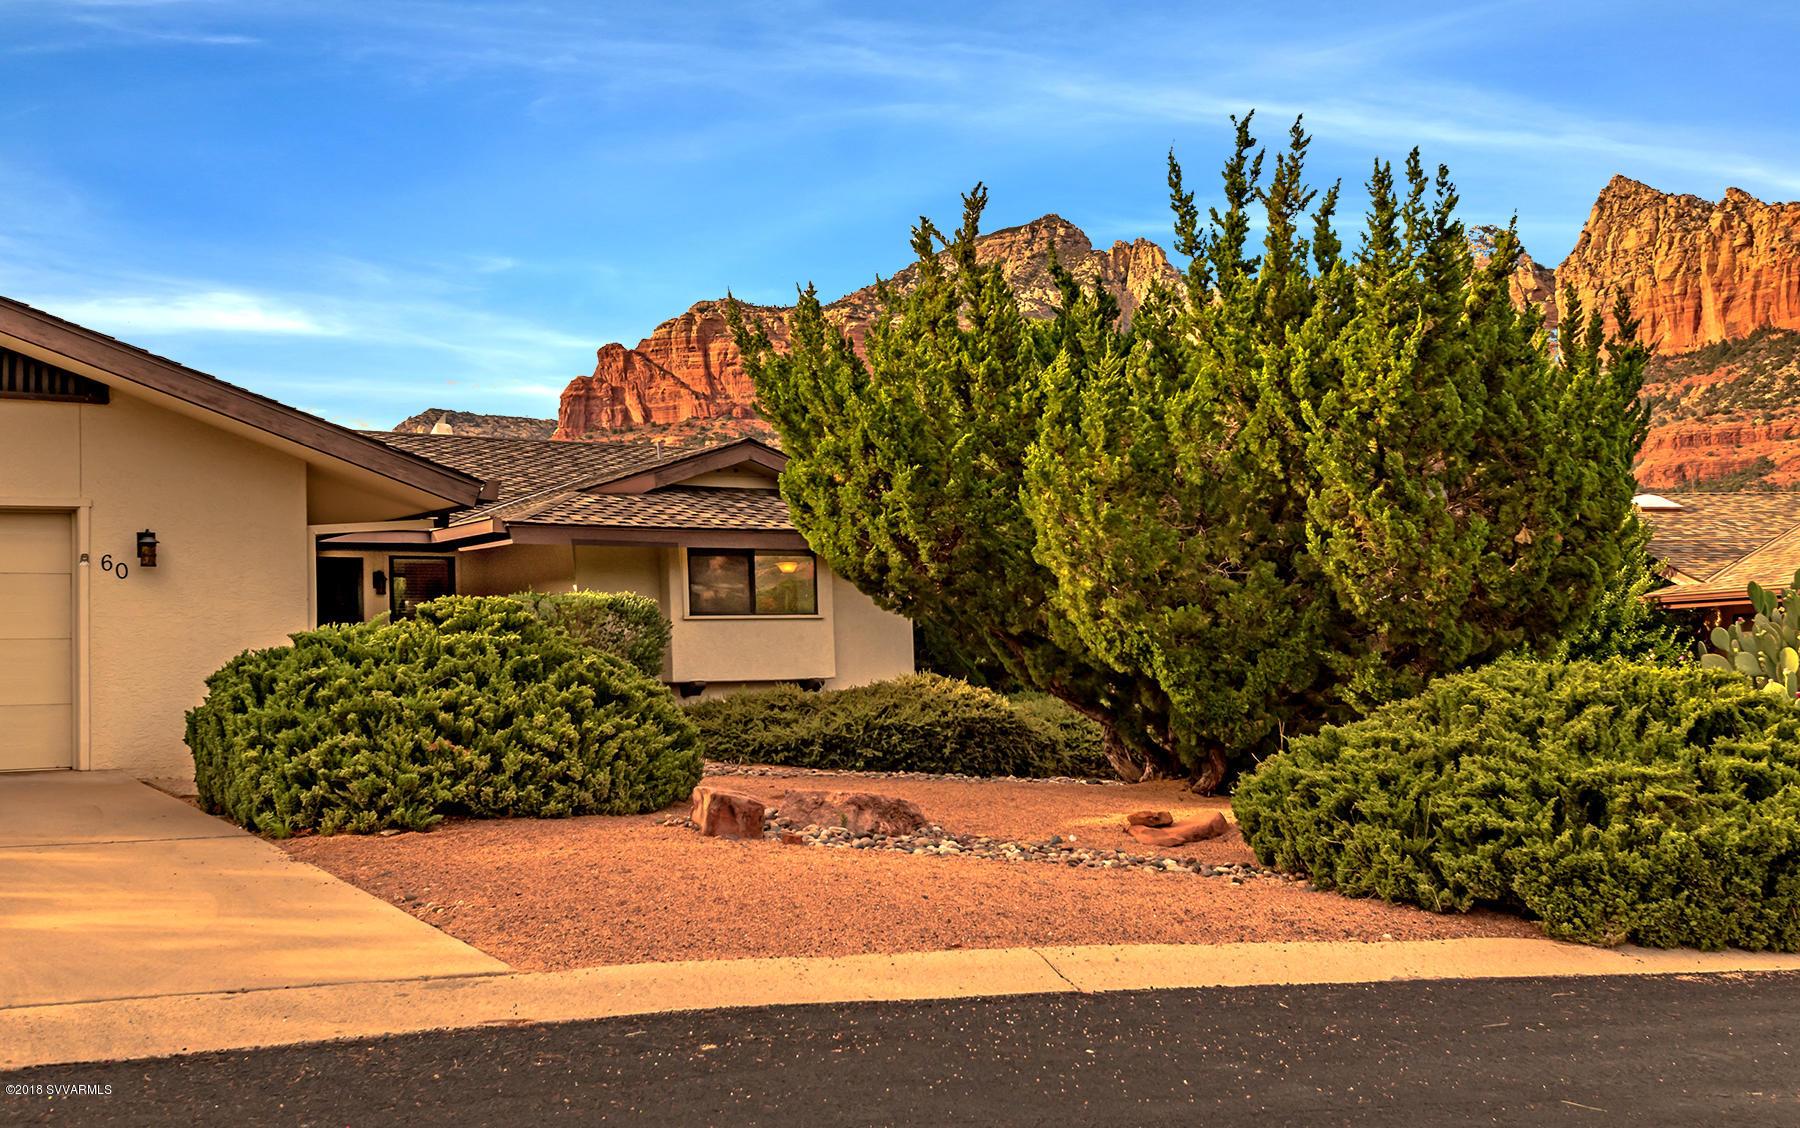 60 Elberta Drive Sedona, AZ 86336